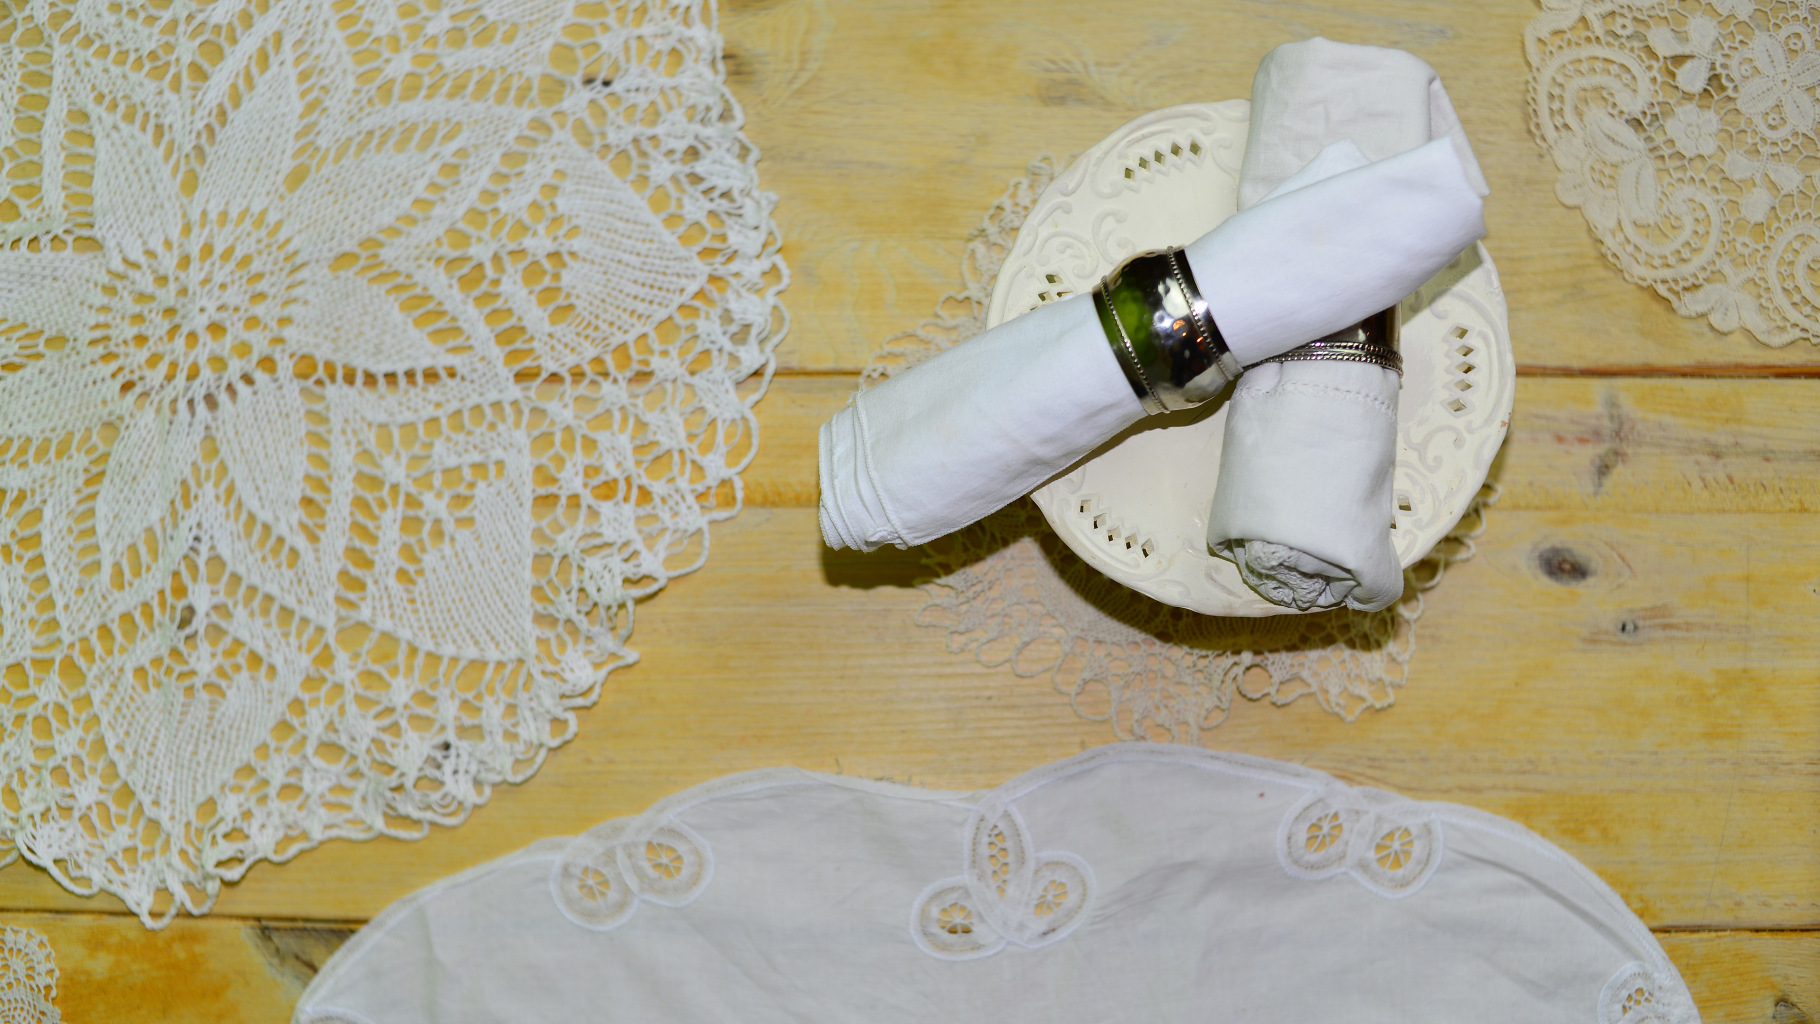 Tischdecken und Servietten gibt's im Oxfam Shop